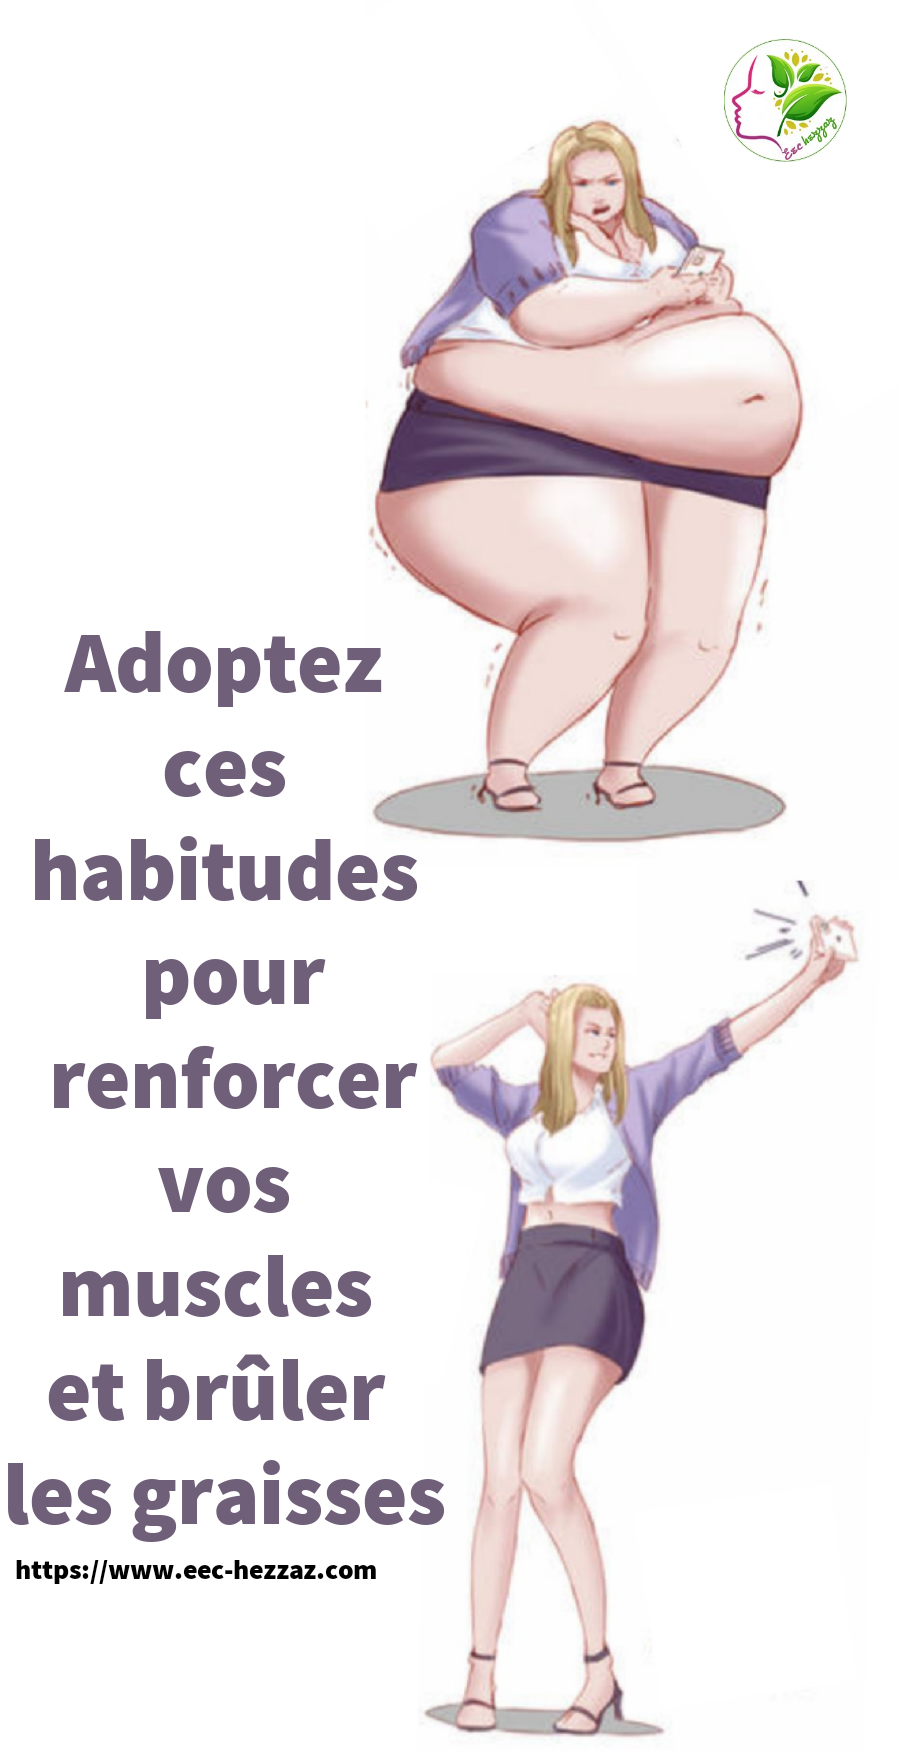 Adoptez ces habitudes pour renforcer vos muscles et brûler les graisses